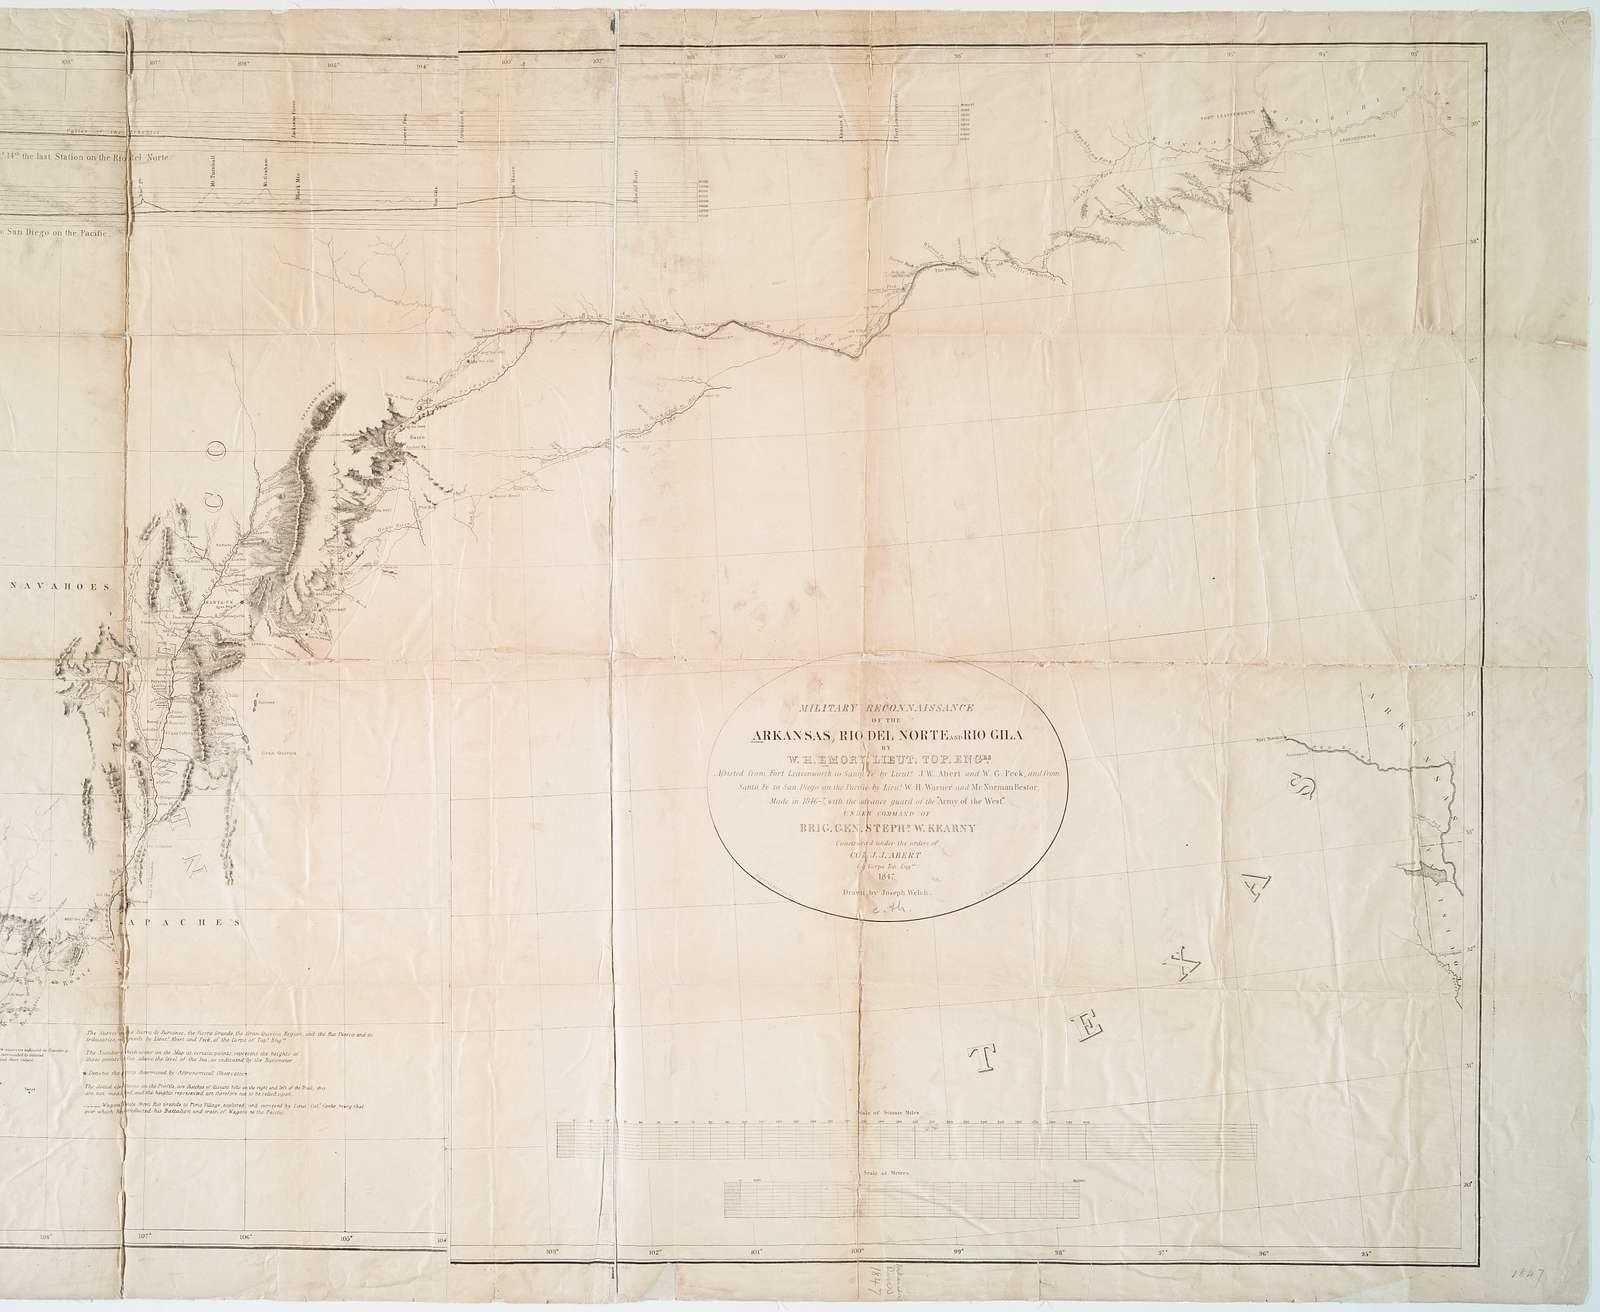 Military reconnaissance of the Arkansas, Rio del Norte and Rio Gila